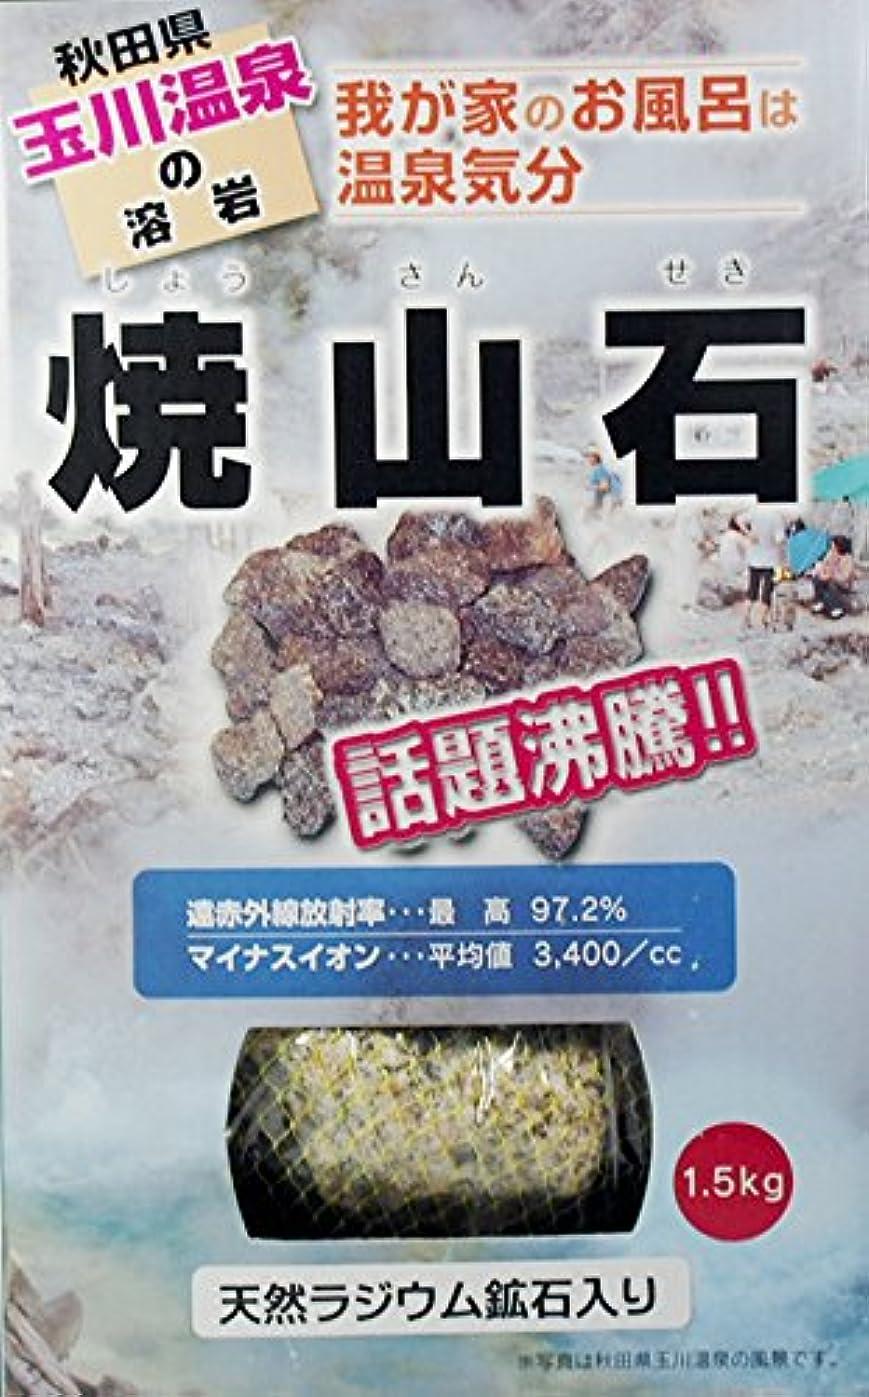 懇願する加害者つかむ【秋田玉川温泉湧出の核、焼山の溶岩】焼山石1.5kg(国産ラジウム鉱石混入)【お風呂でポカポカに】